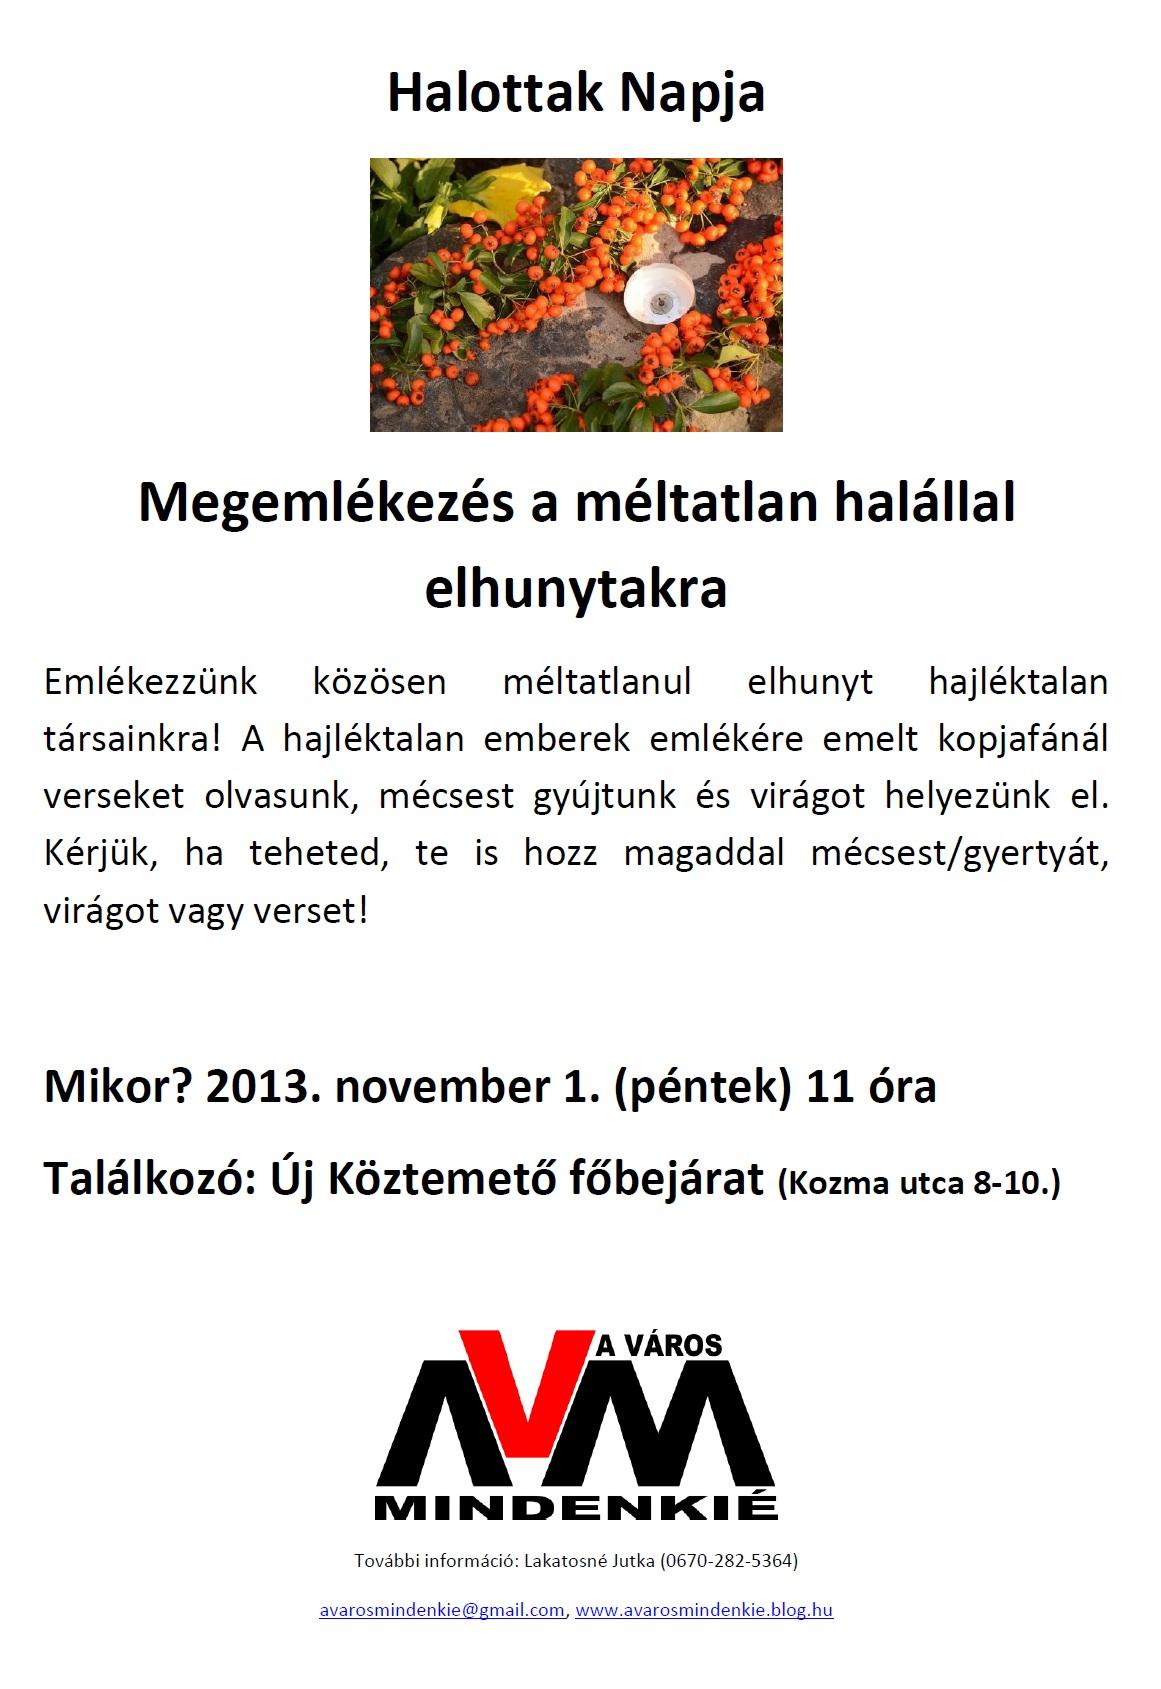 MVM_Halottak_Napja